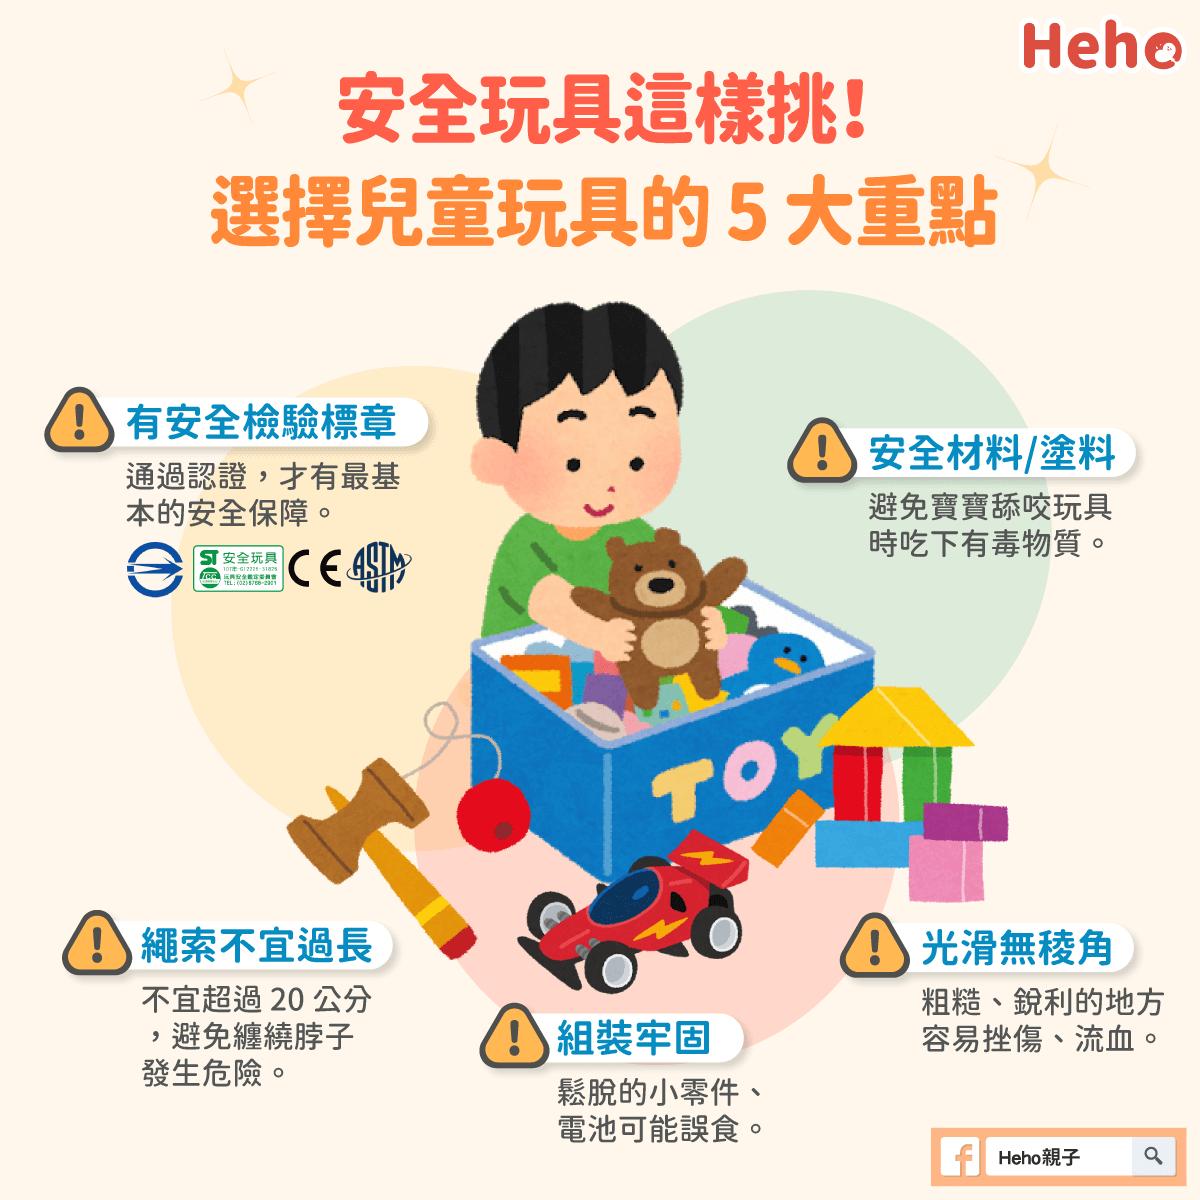 圖解_安全玩具這樣挑!選擇兒童玩具的-6-大重點